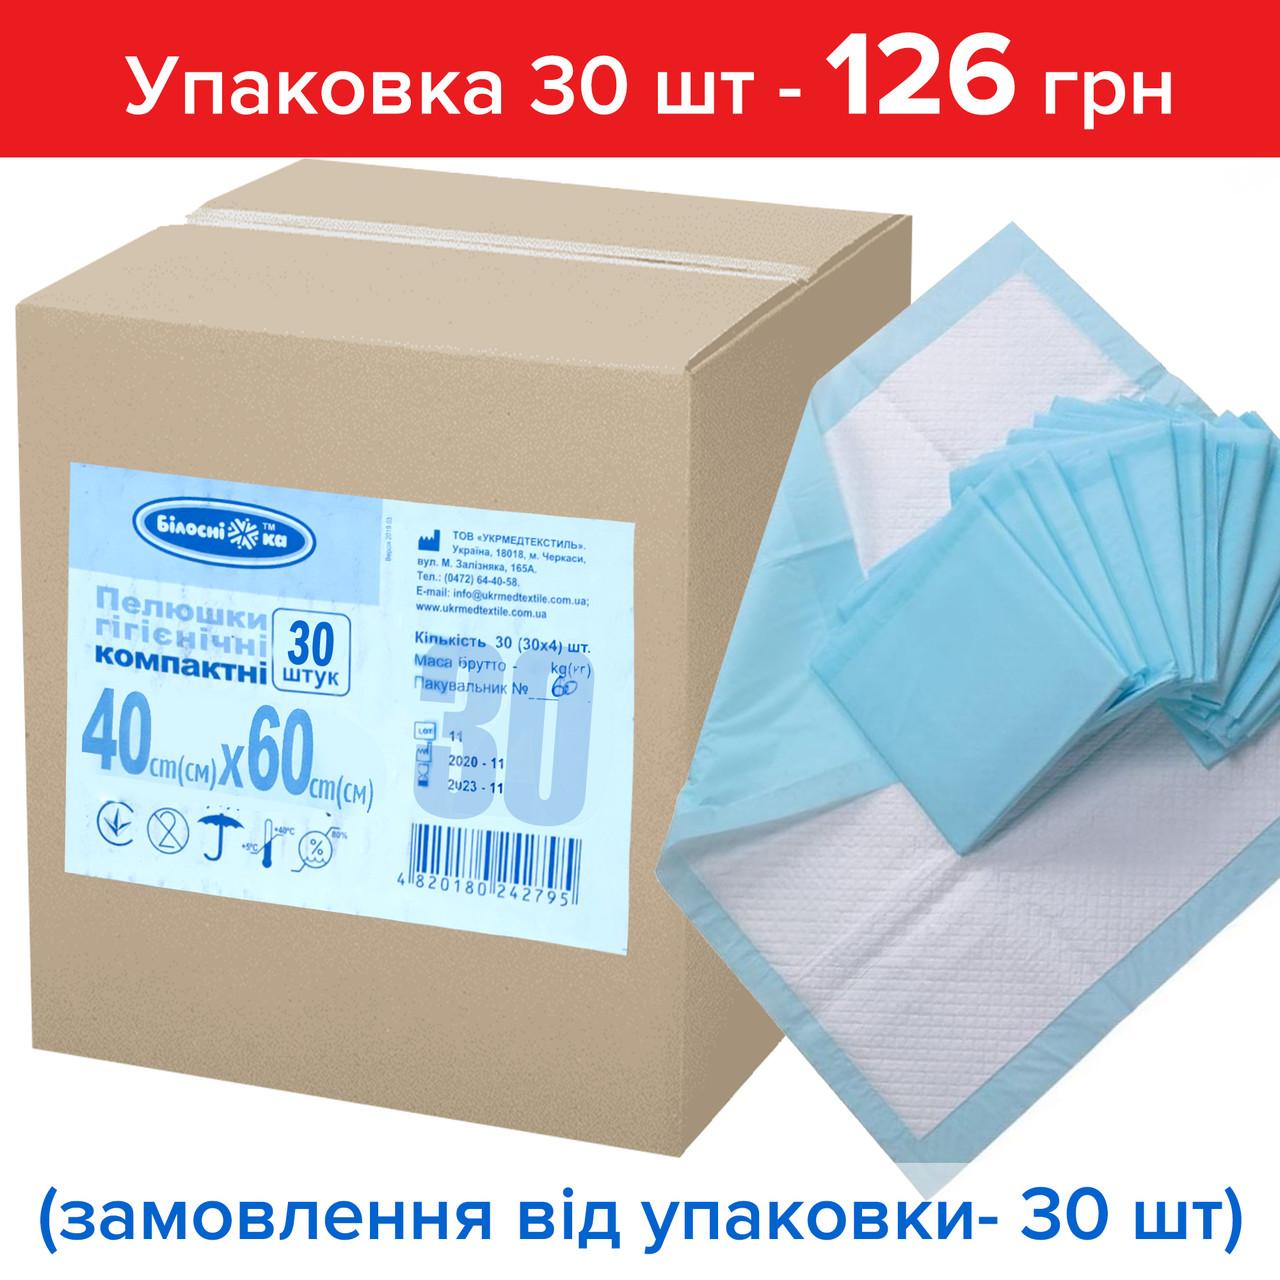 Пеленки гигиенические Белоснежка 40х60 см  влаговпитывающие, при заказе кратно 30 шт.